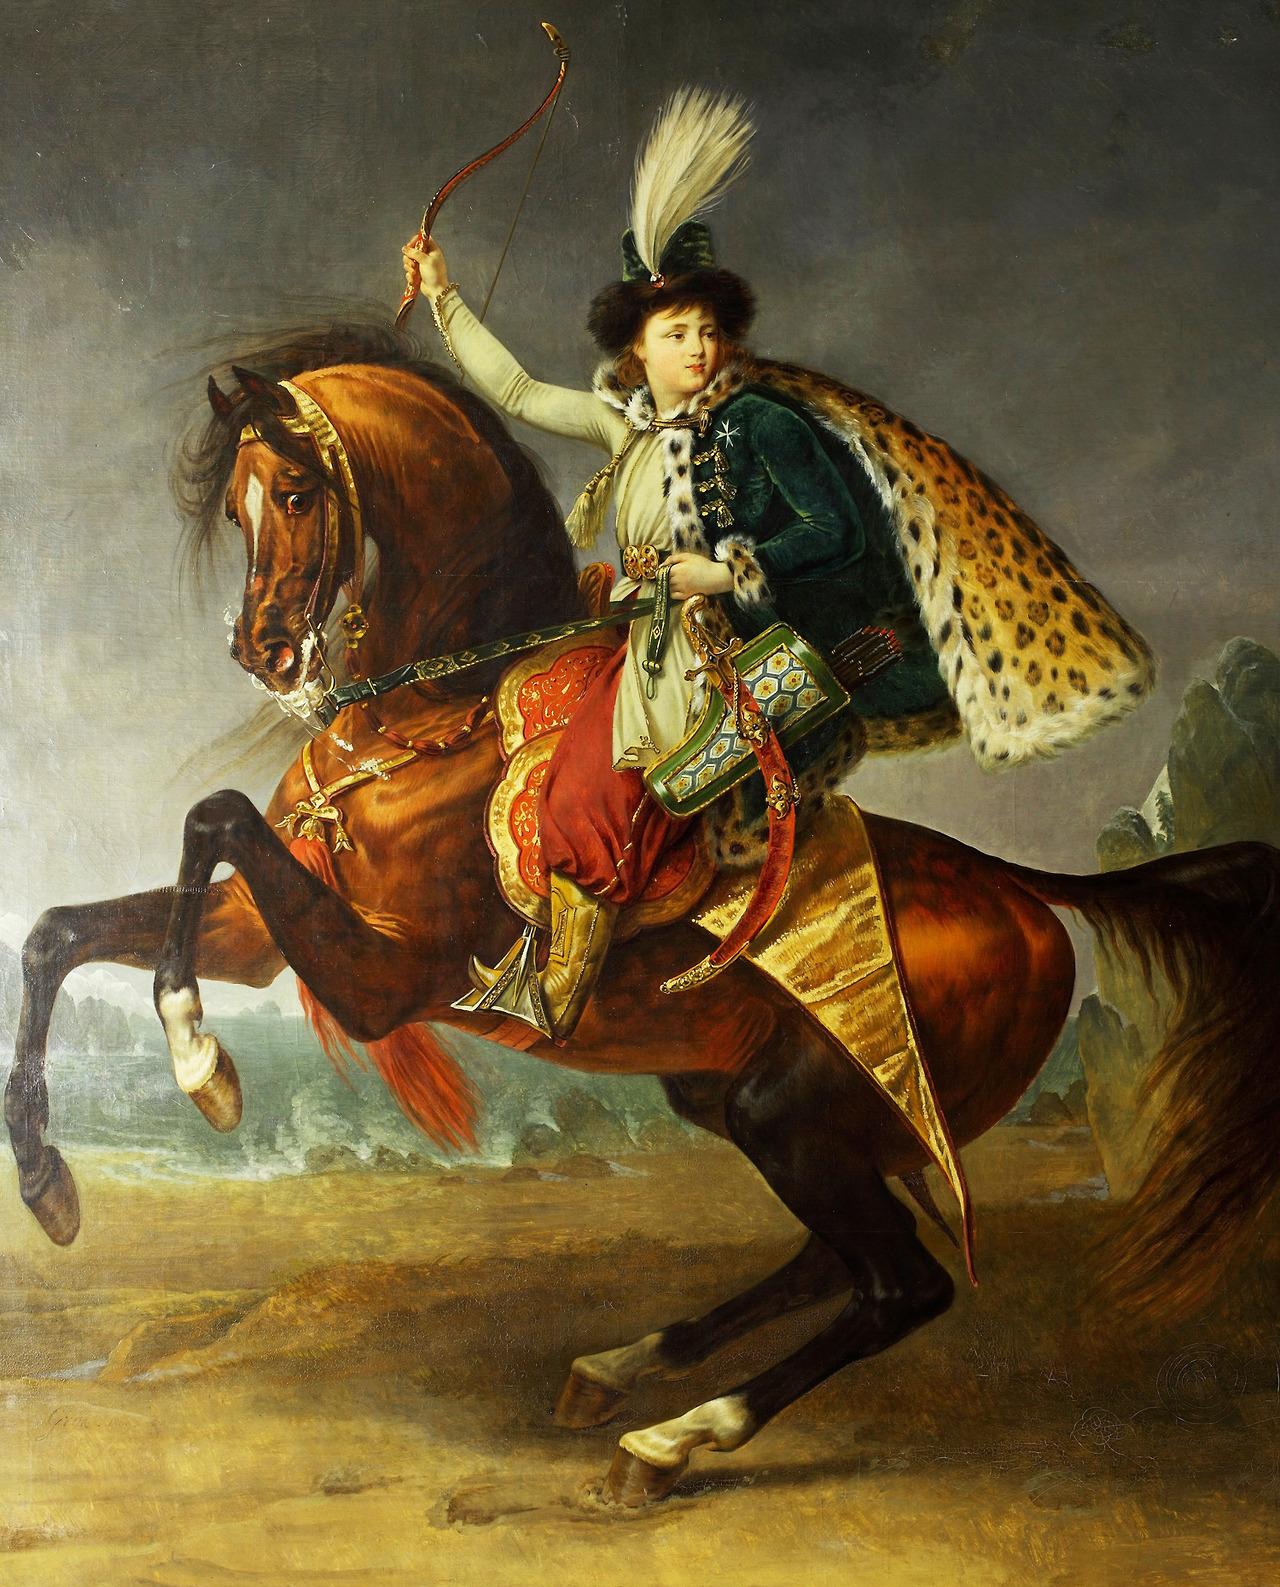 Antoine-Jean Gros Portrait of Prince Boris Yusupov, 1809